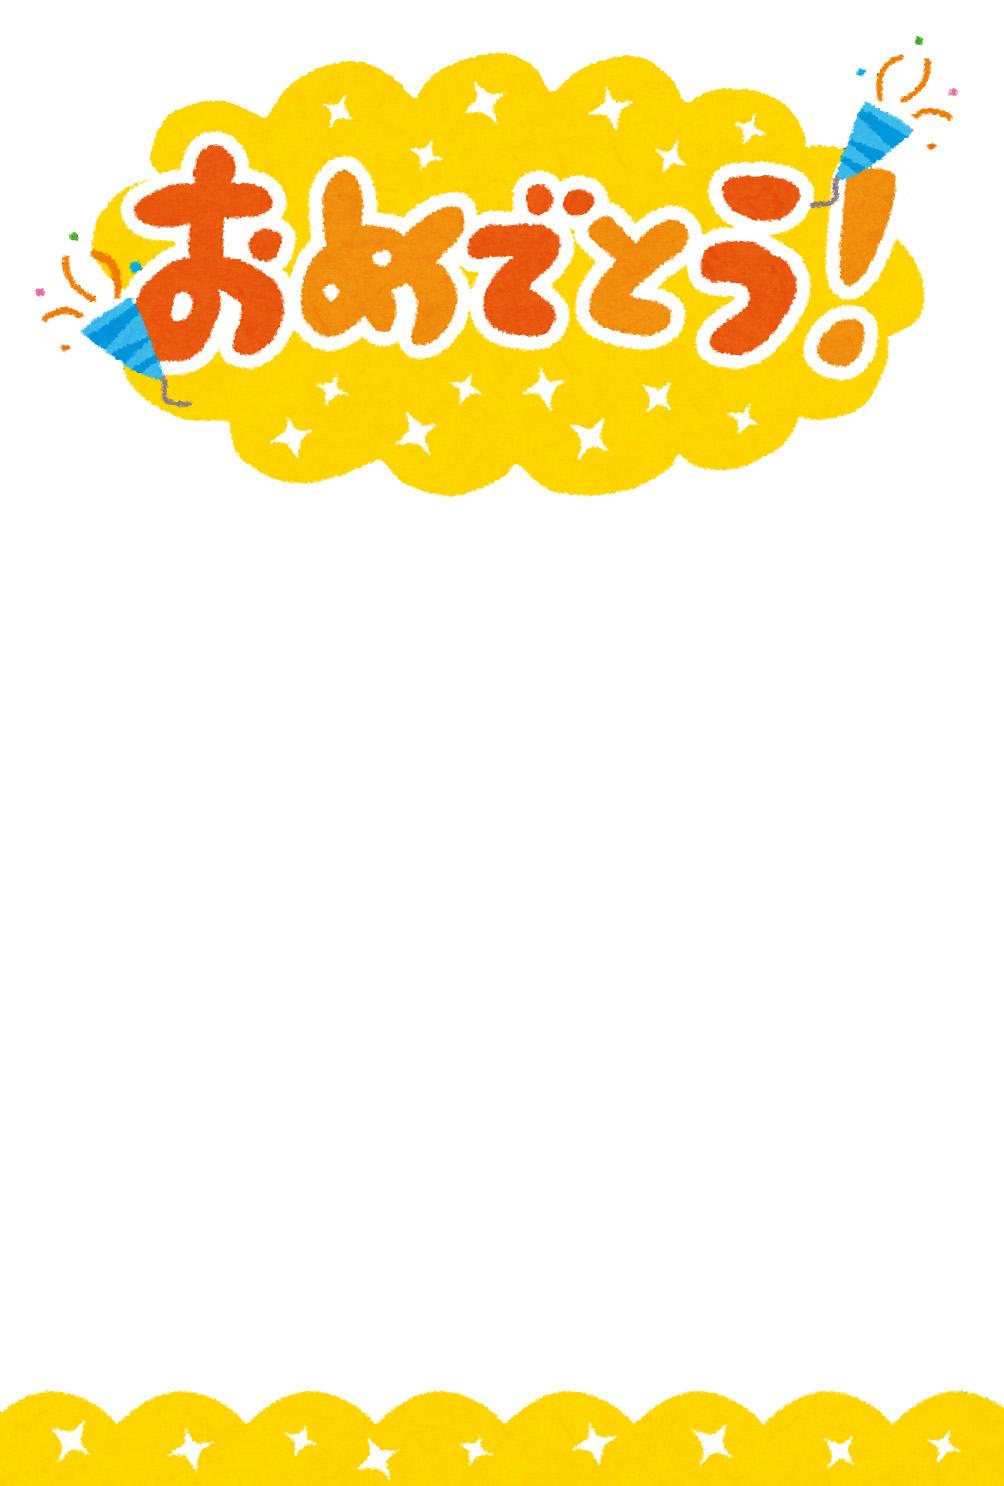 メッセージカードのテンプレート「おめでとう!」   かわいいフリー